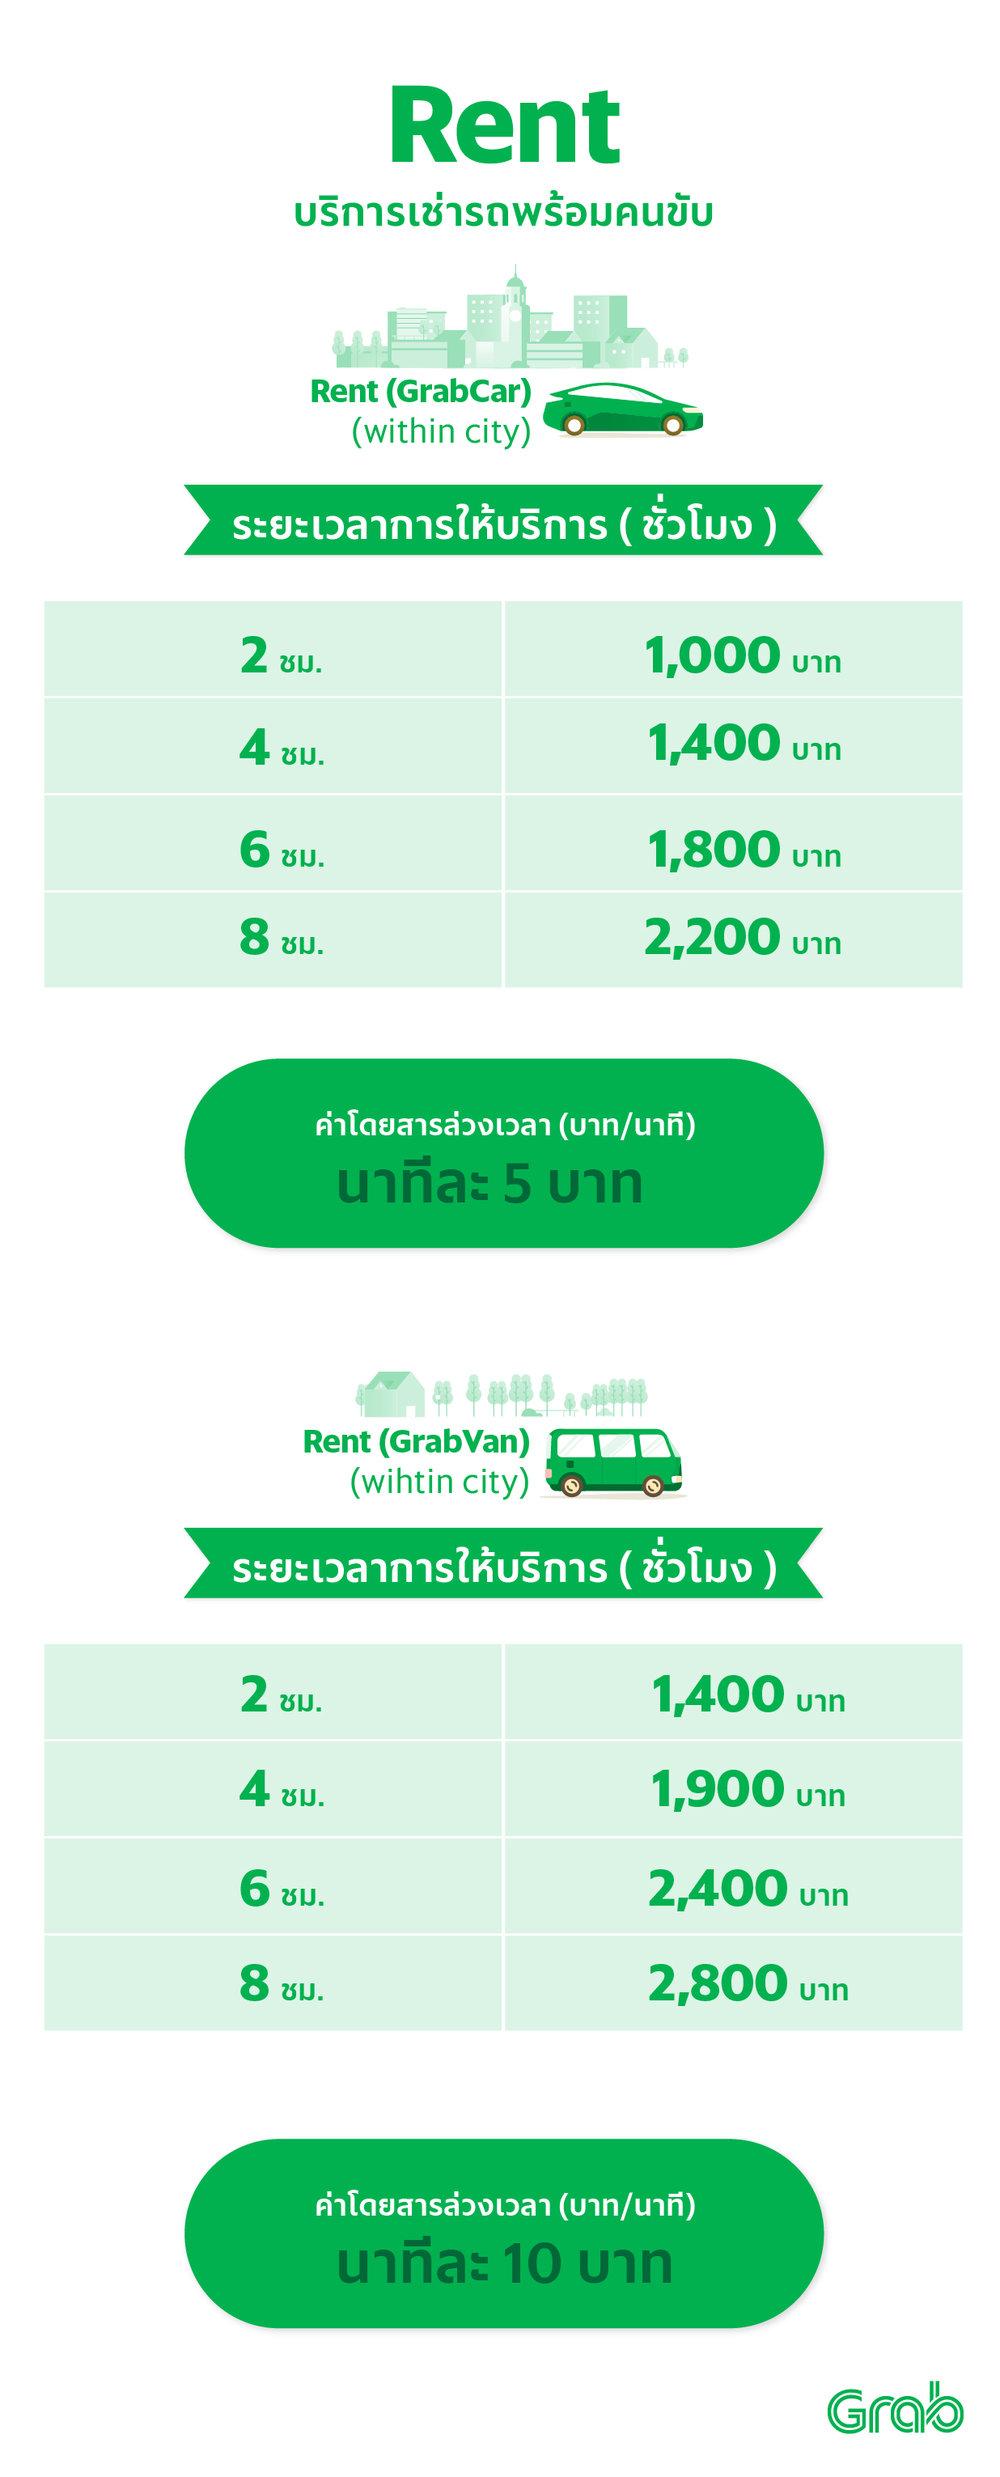 HKT Price.jpg